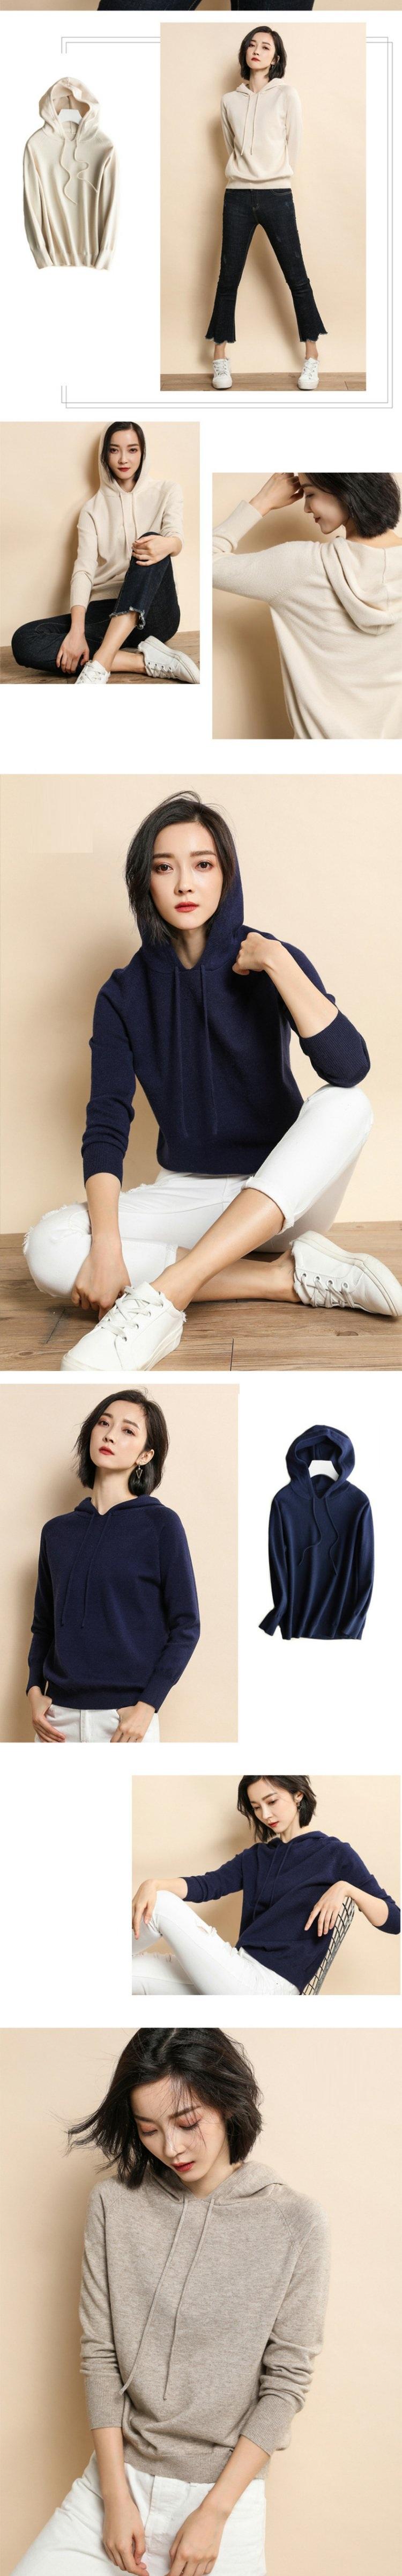 Áo hoodie len nữ LAHstore, chất len mêm mịn ấm áp, thời trang trẻ, phong cách Hàn Quốc 4